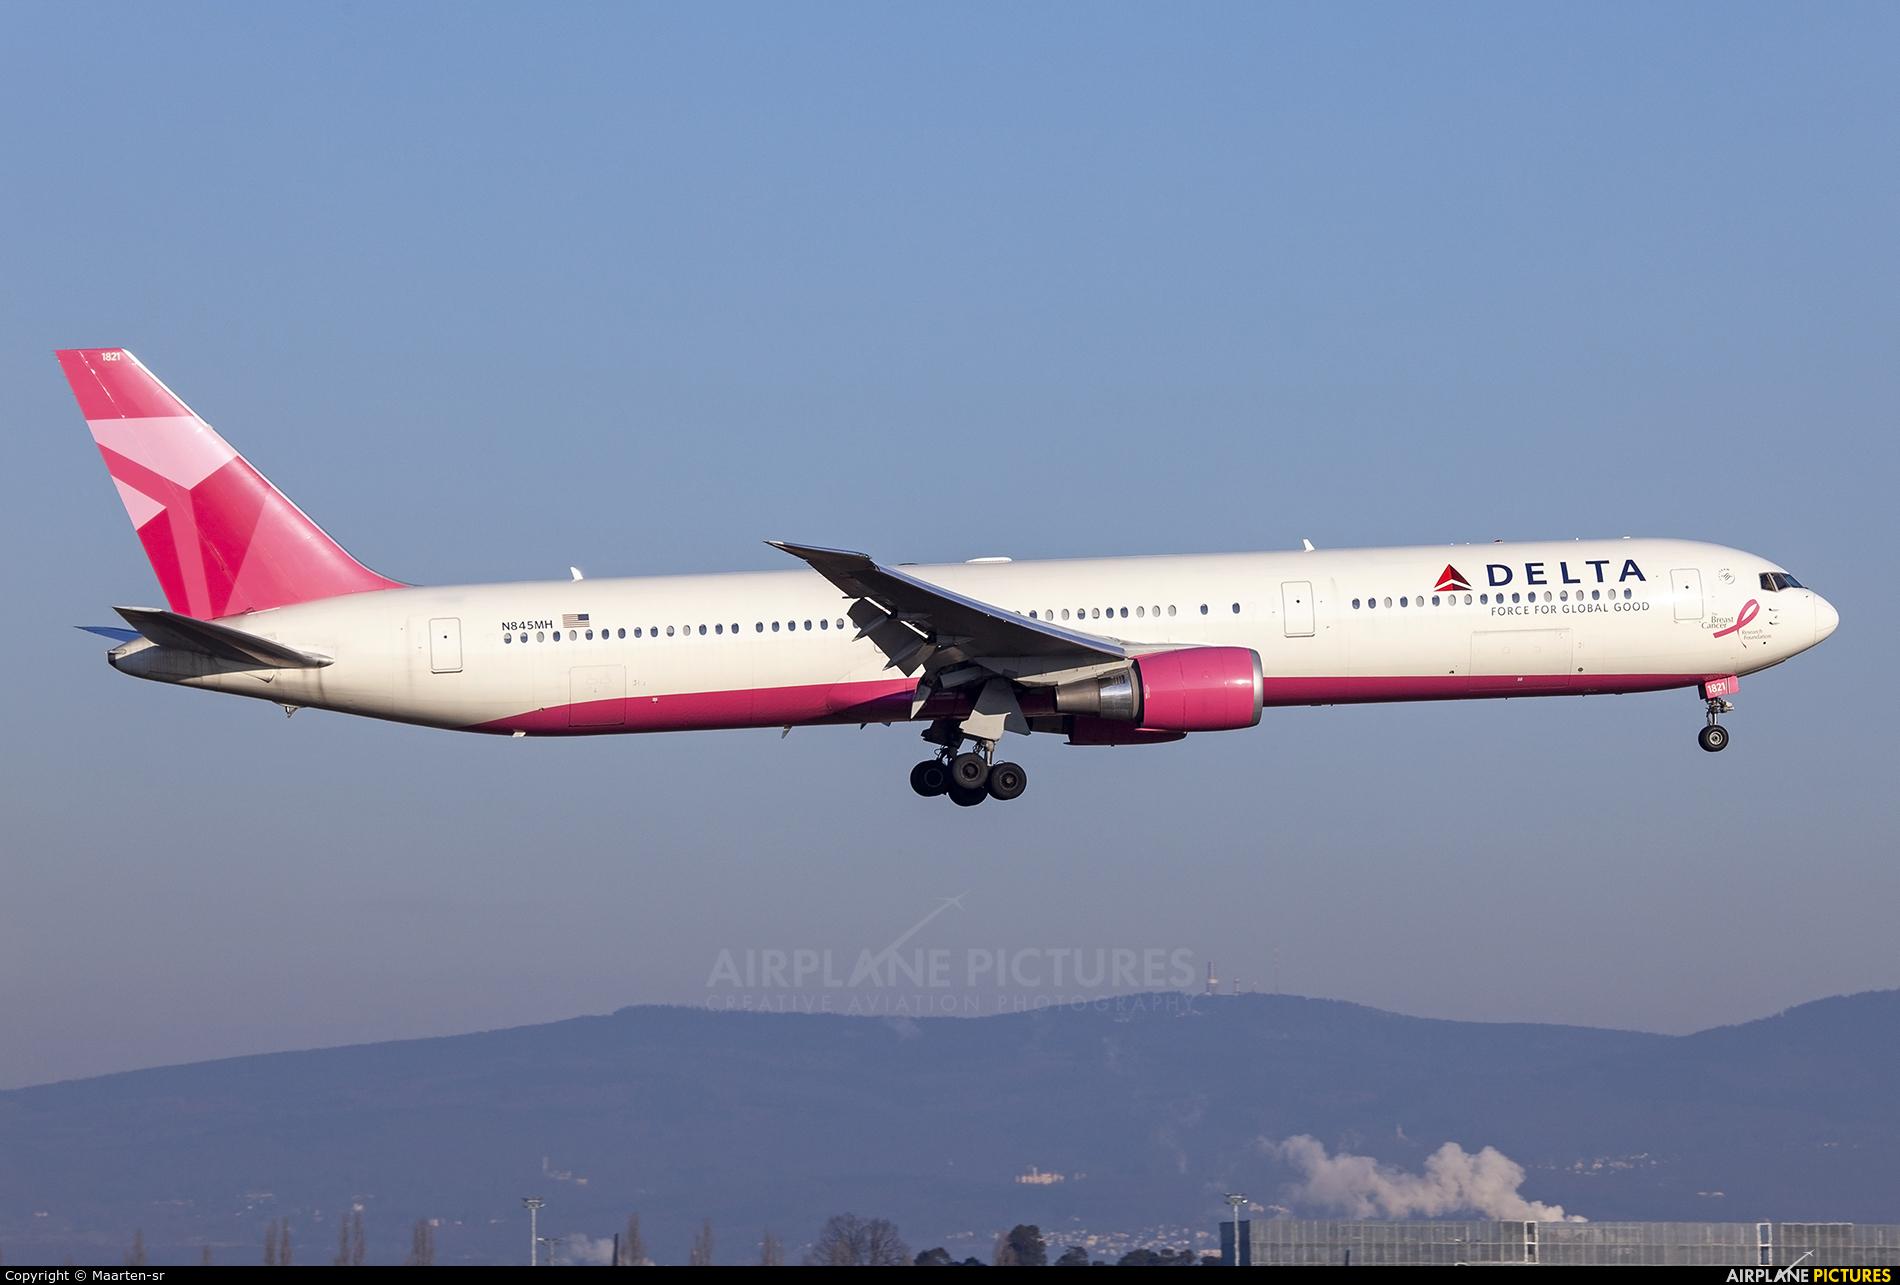 Delta Air Lines N845MH aircraft at Frankfurt